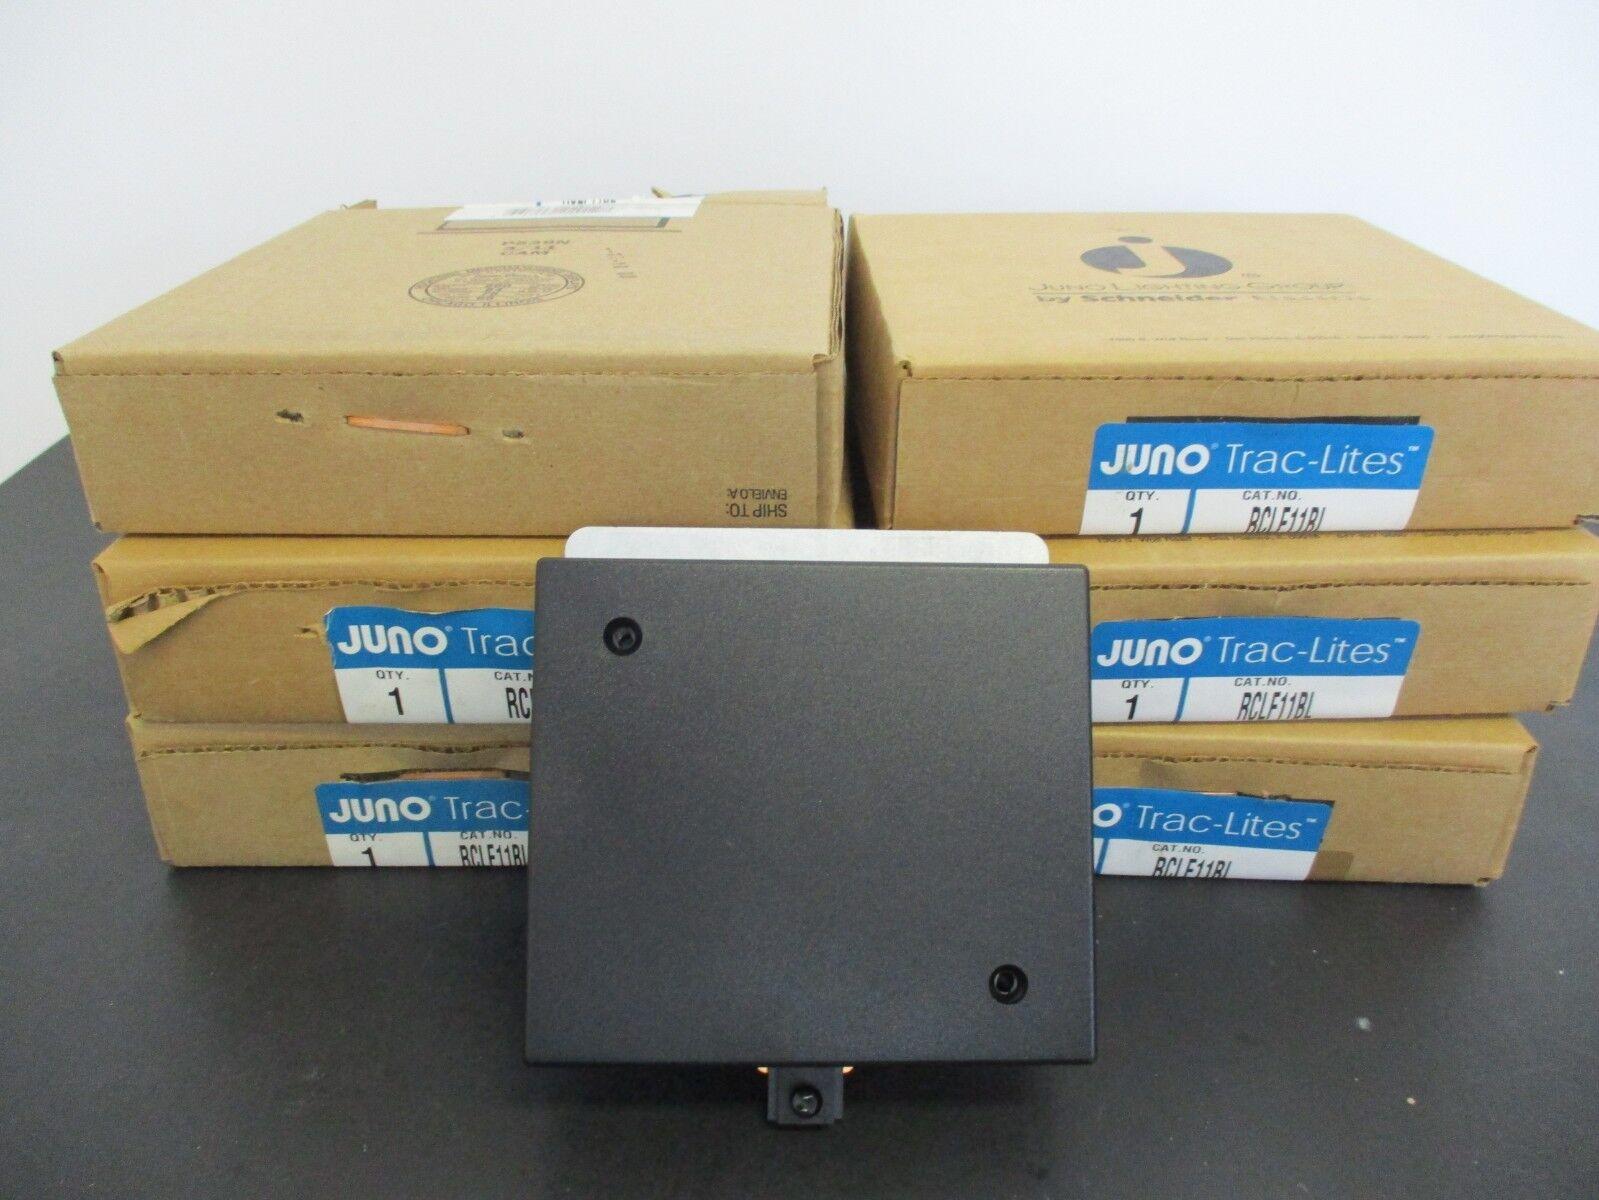 Iluminación de la pista Juno rclf 11BL (rclf 11 bl) Trac Lites Nuevo